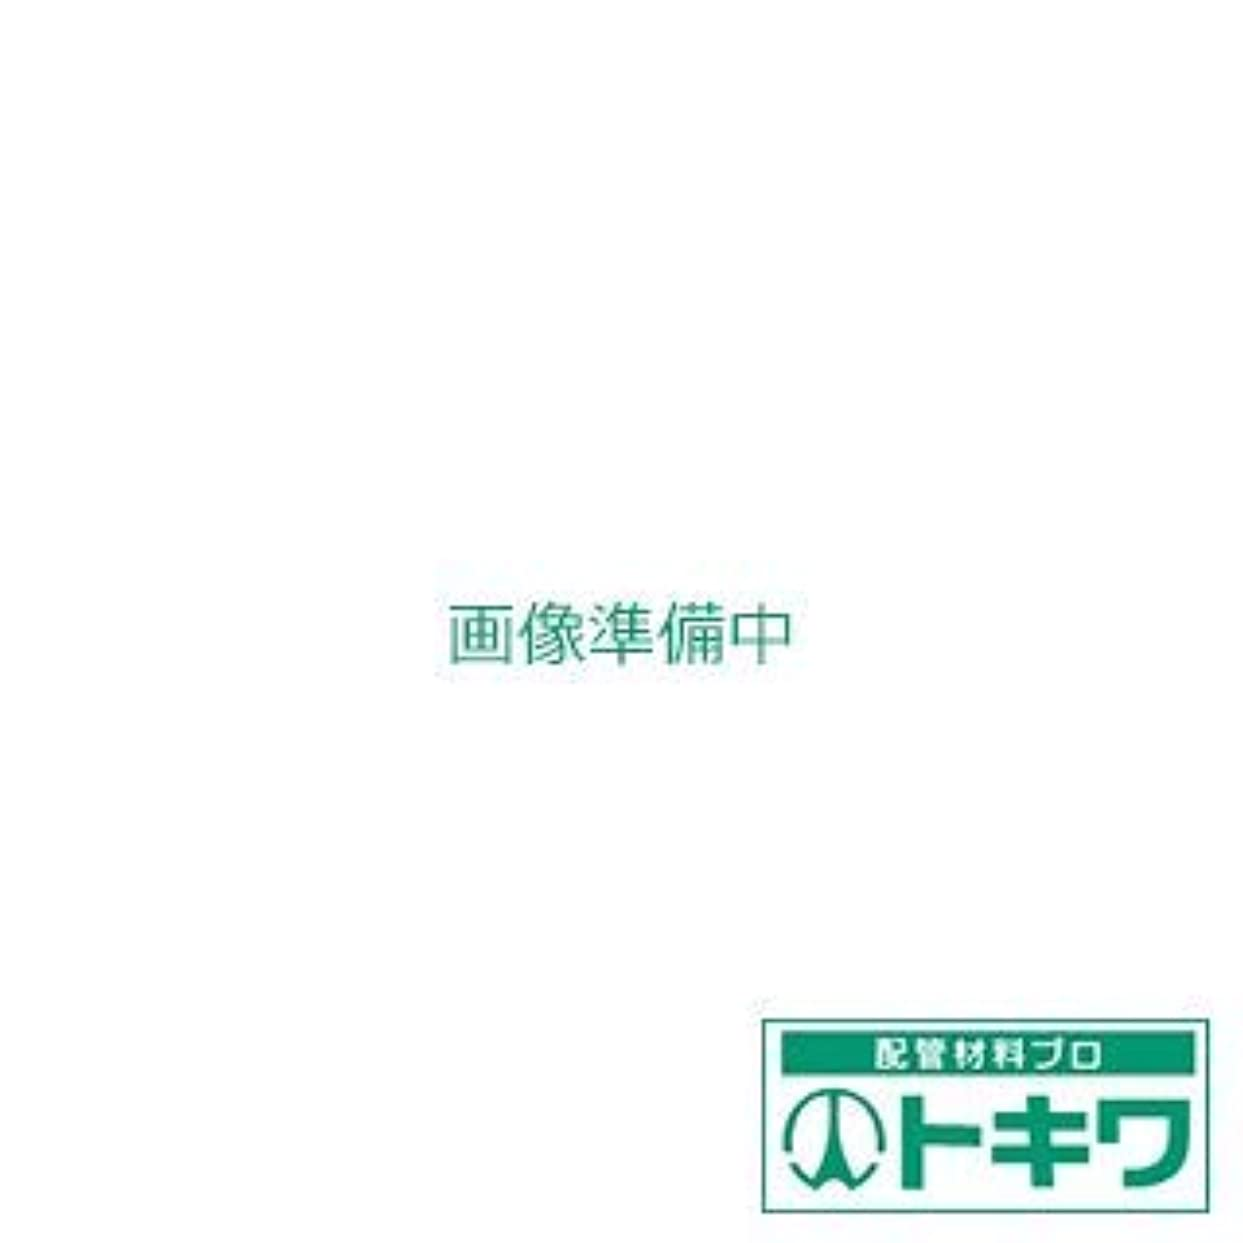 離れた吹きさらし勇敢なスリーエムジャパン 3M グラスバブルズ iM30K 0.7kg (1袋入) IM30K0.7KG